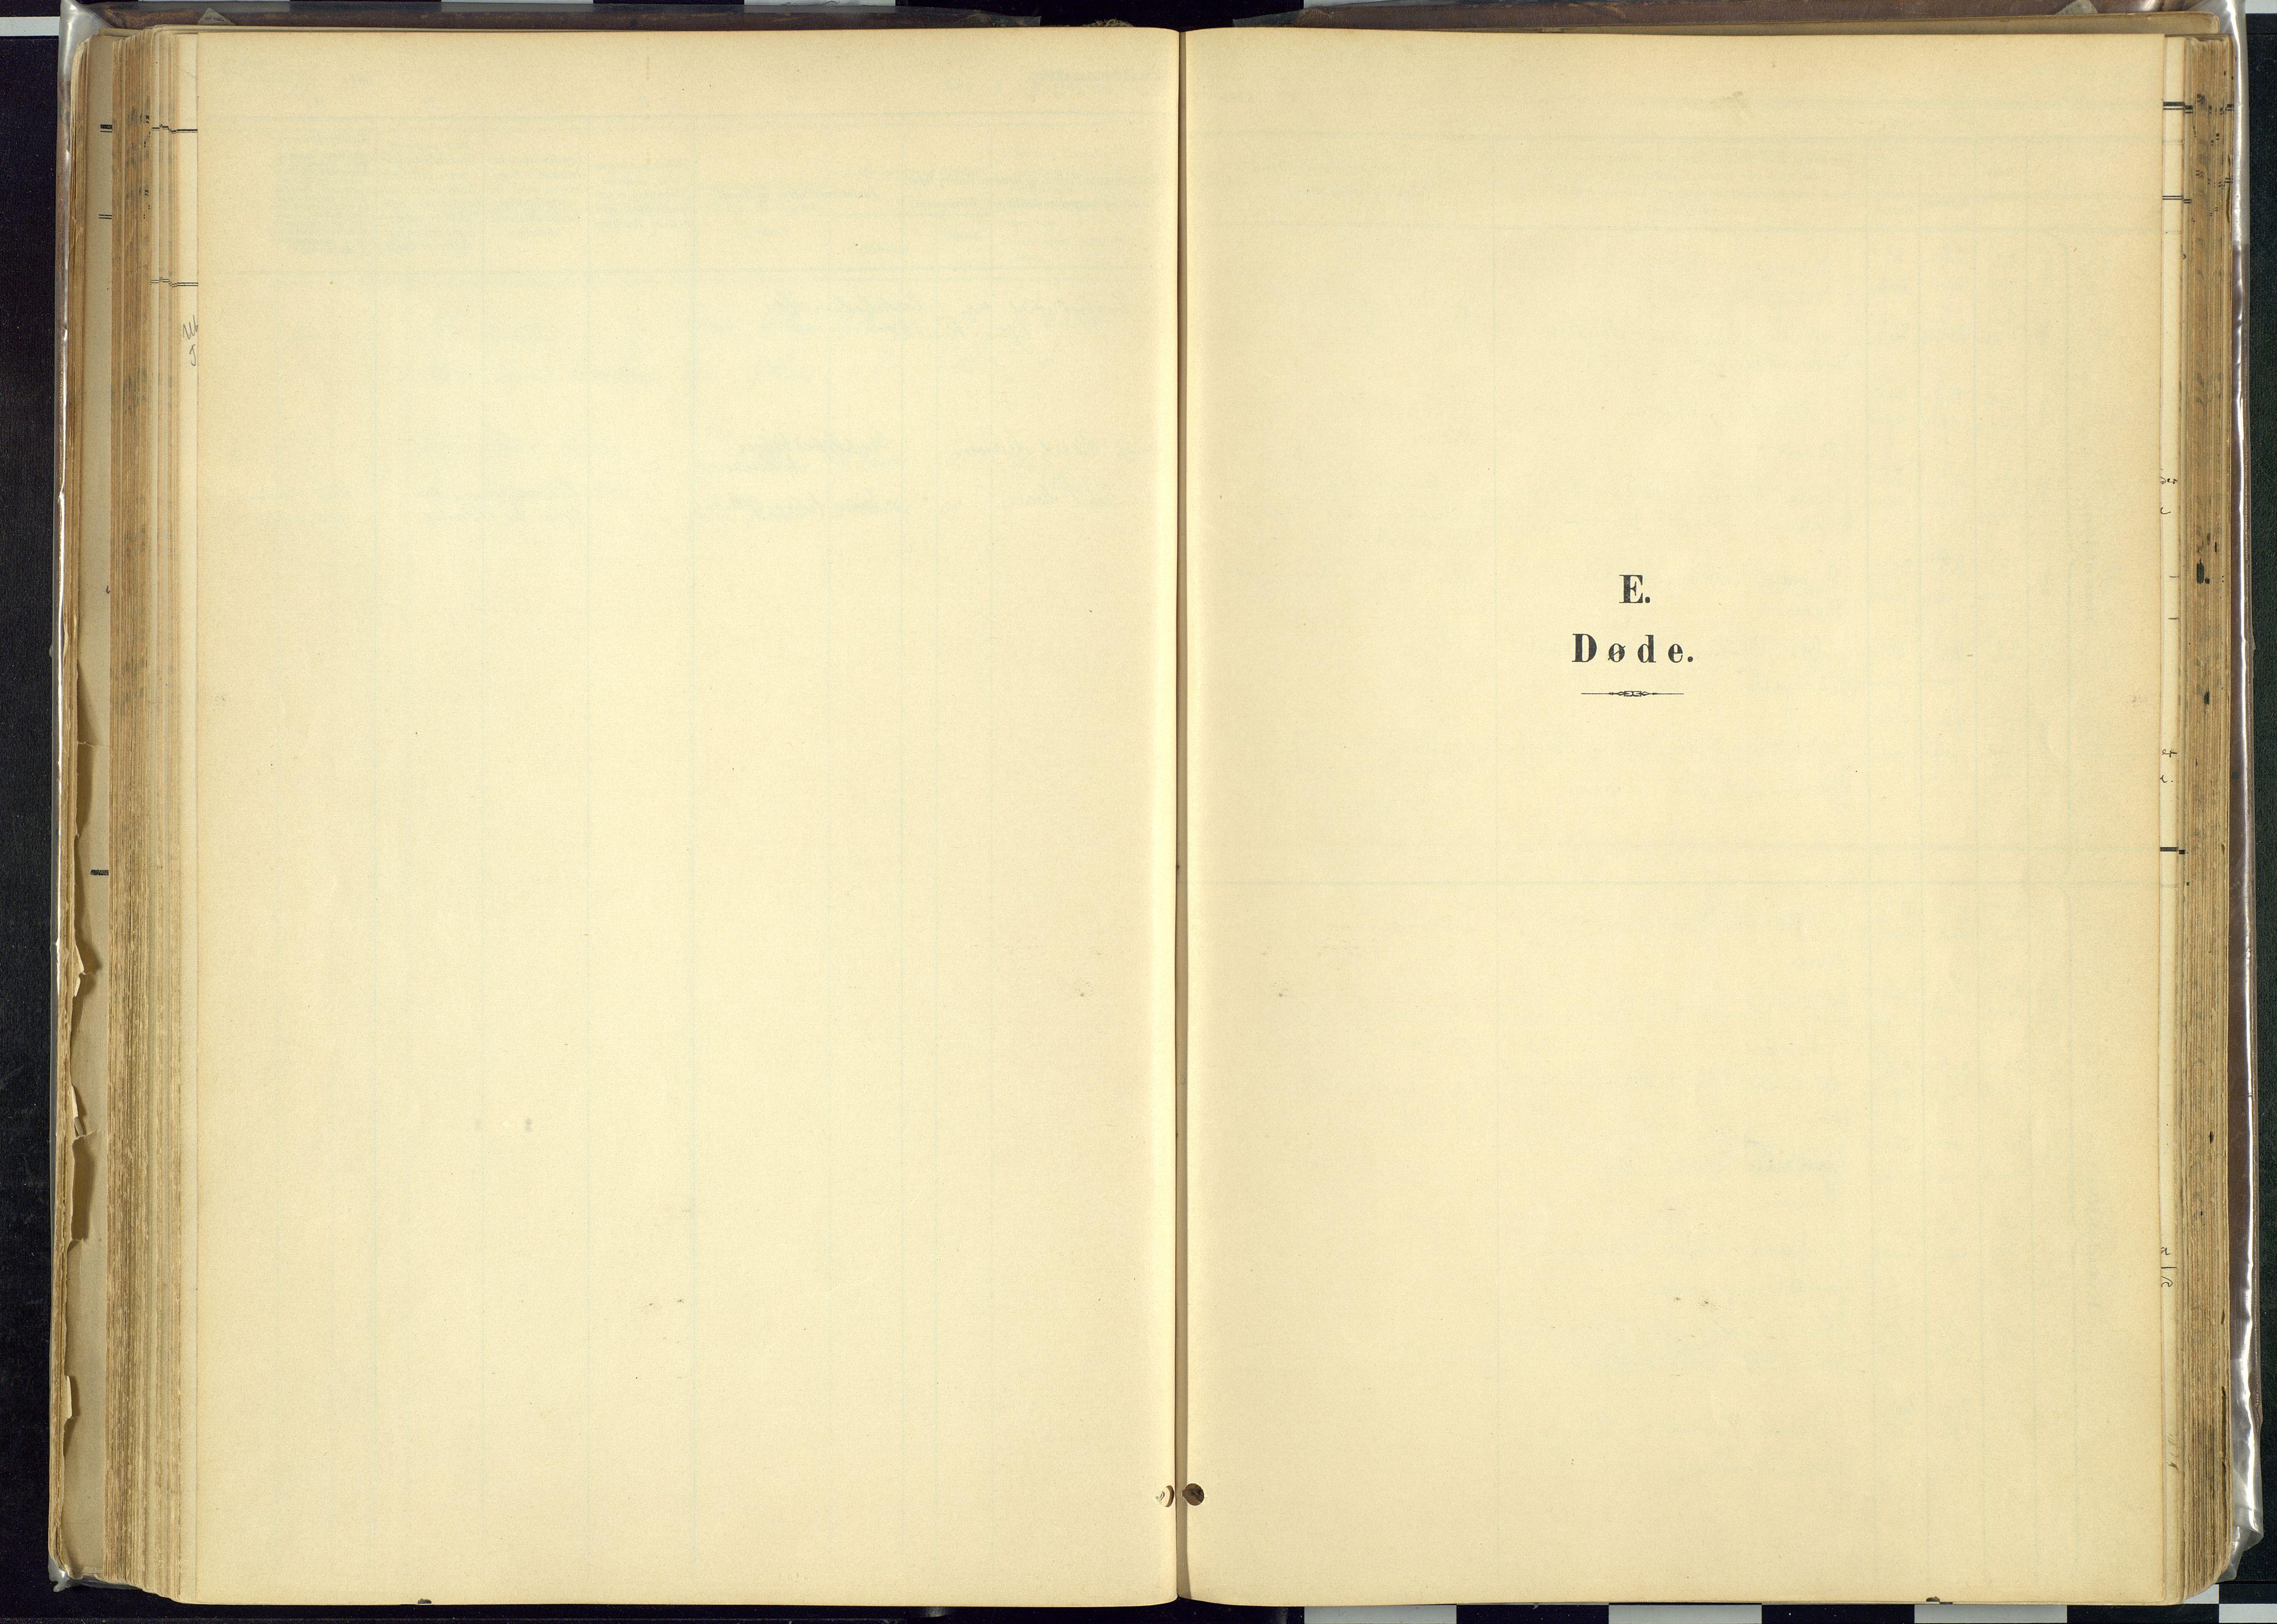 SAH, Rendalen prestekontor, H/Ha/Haa: Ministerialbok nr. 12, 1901-1928, s. 221